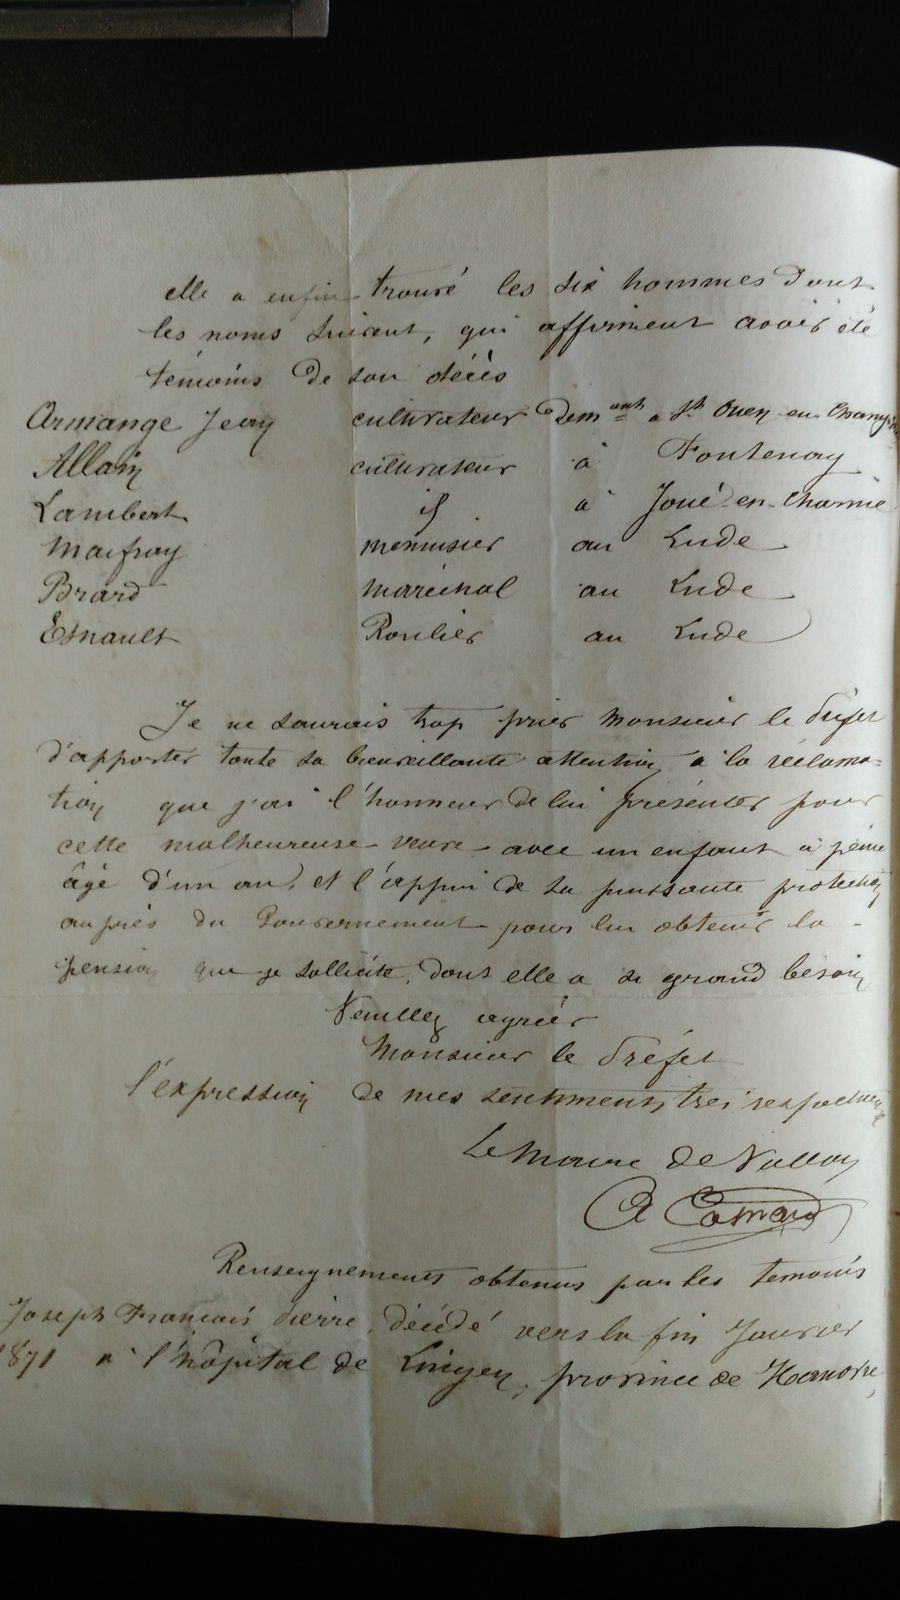 Archives déprtementales de la Sarthe-Dossier 3 R 94